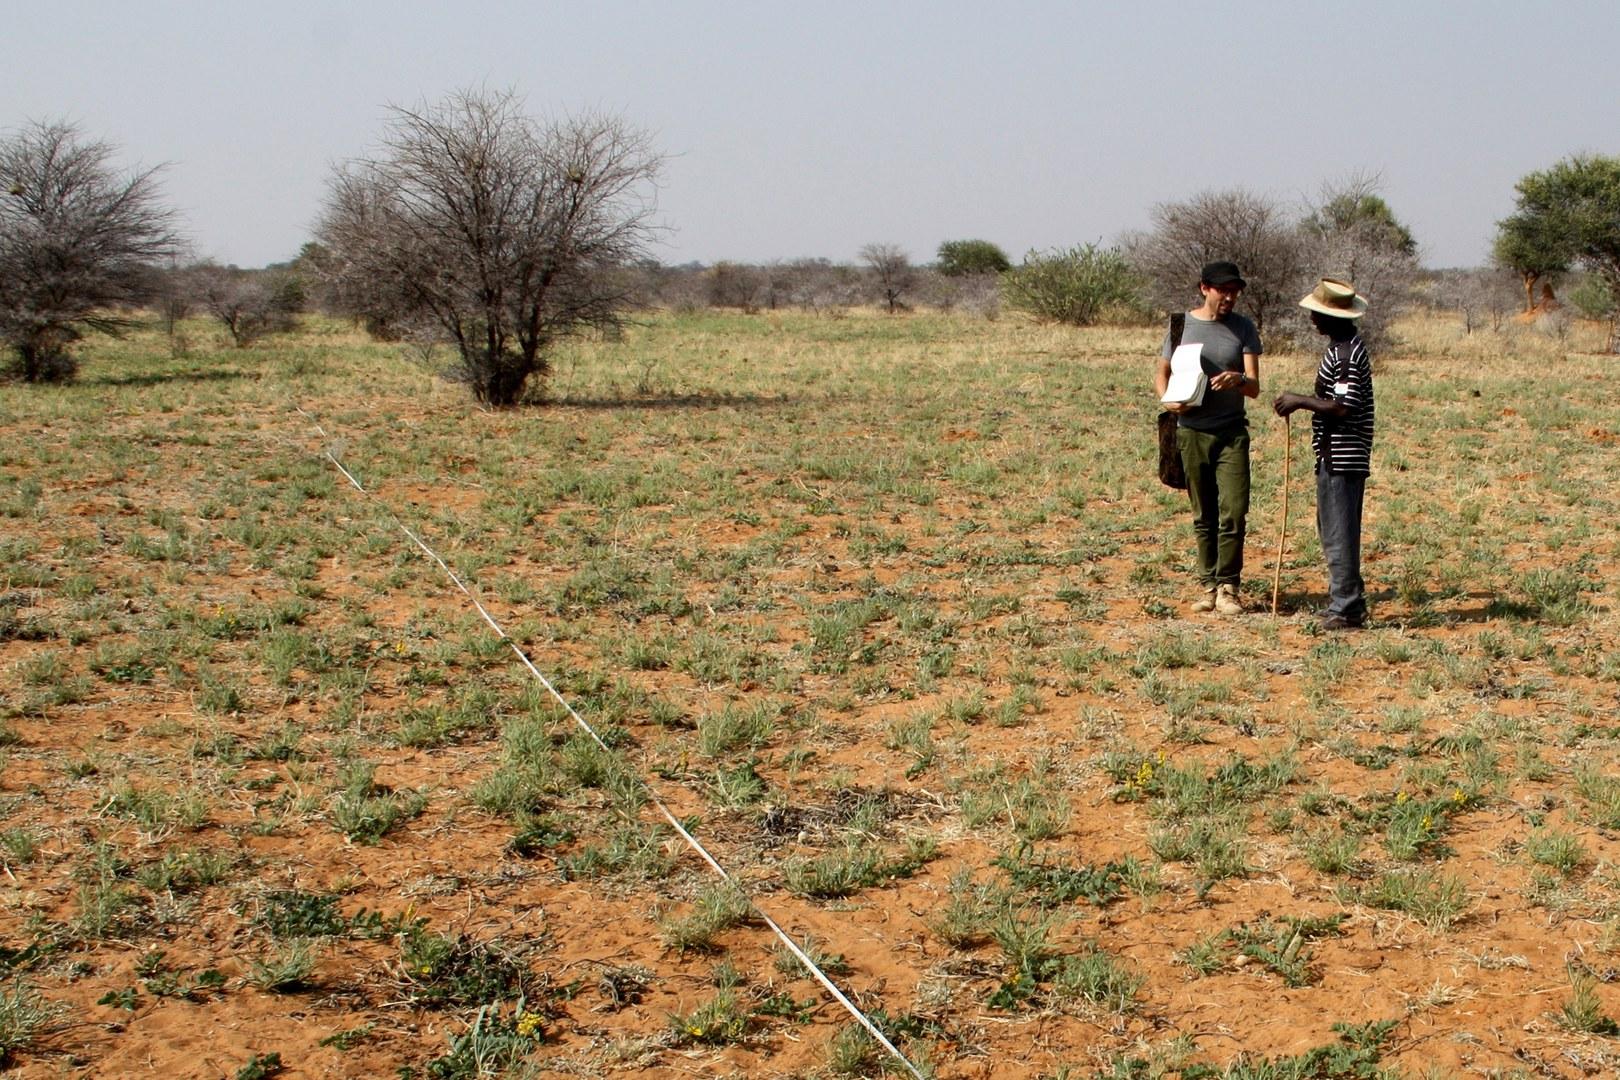 Welche Erfahrungen haben Farmer vor Ort zu Kipppunkten der Desertifikation?